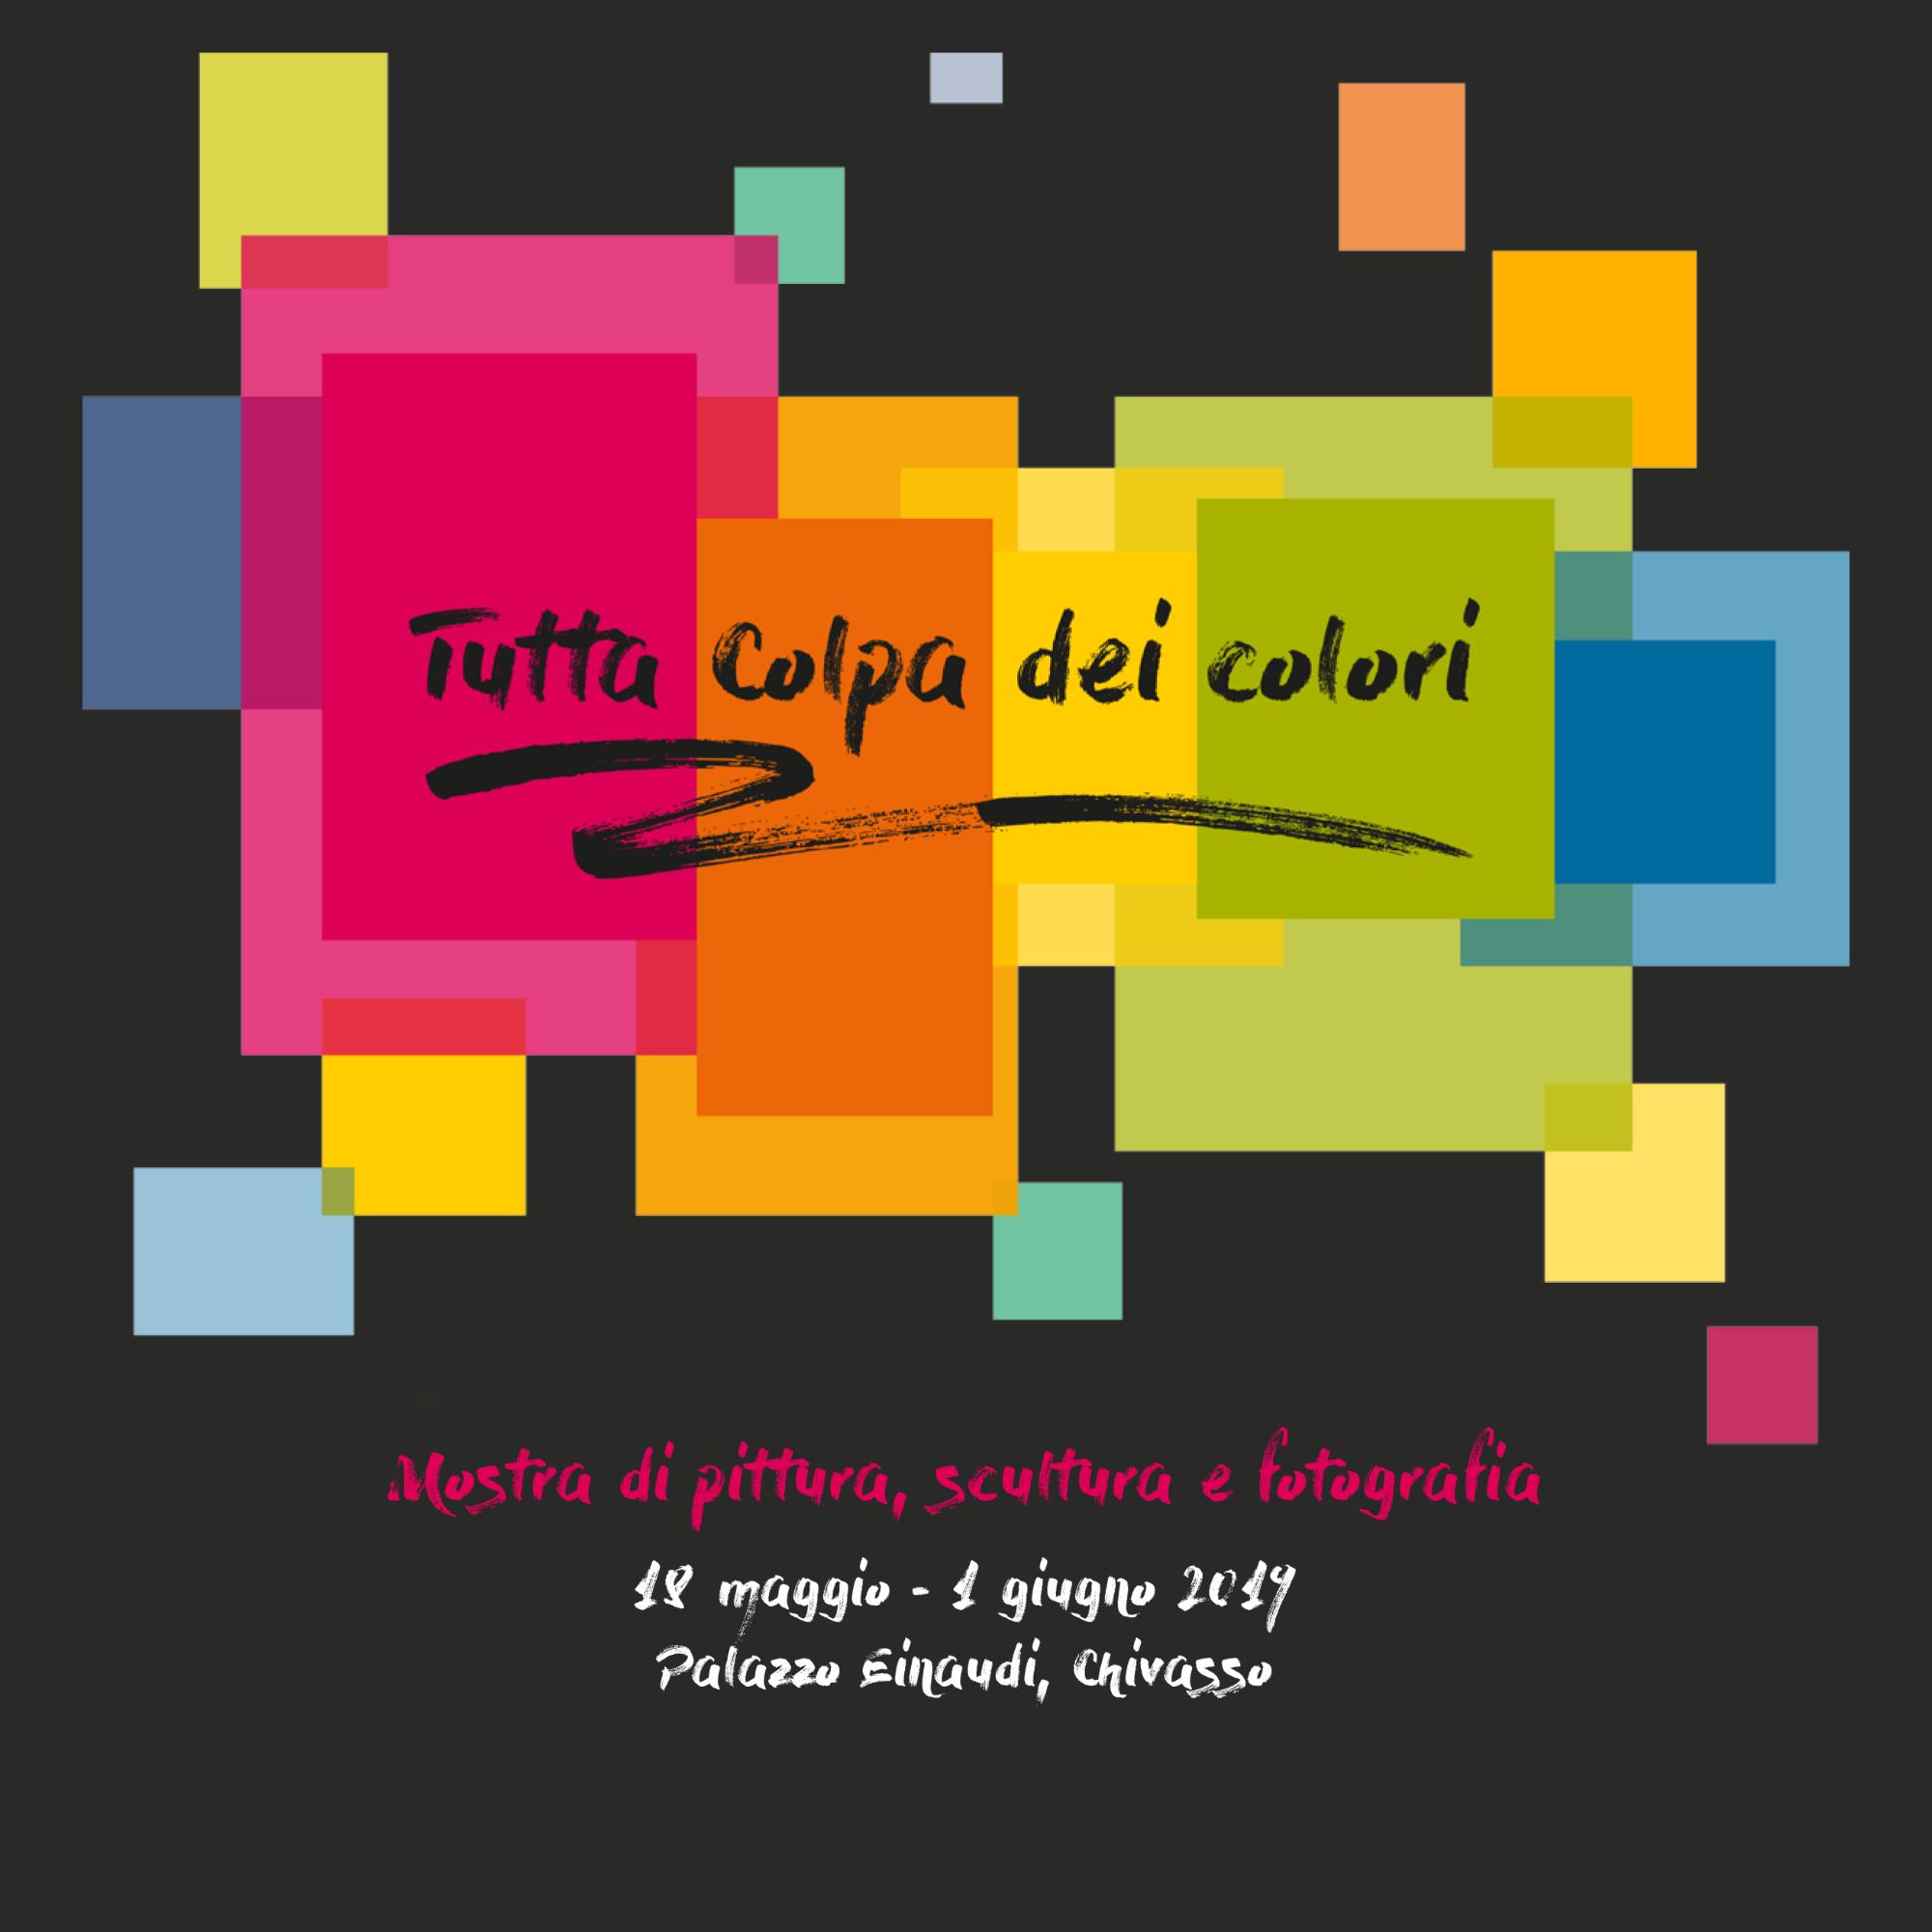 """Palazzo Einaudi """"Tutta colpa dei colori"""" - Chivasso 2019"""